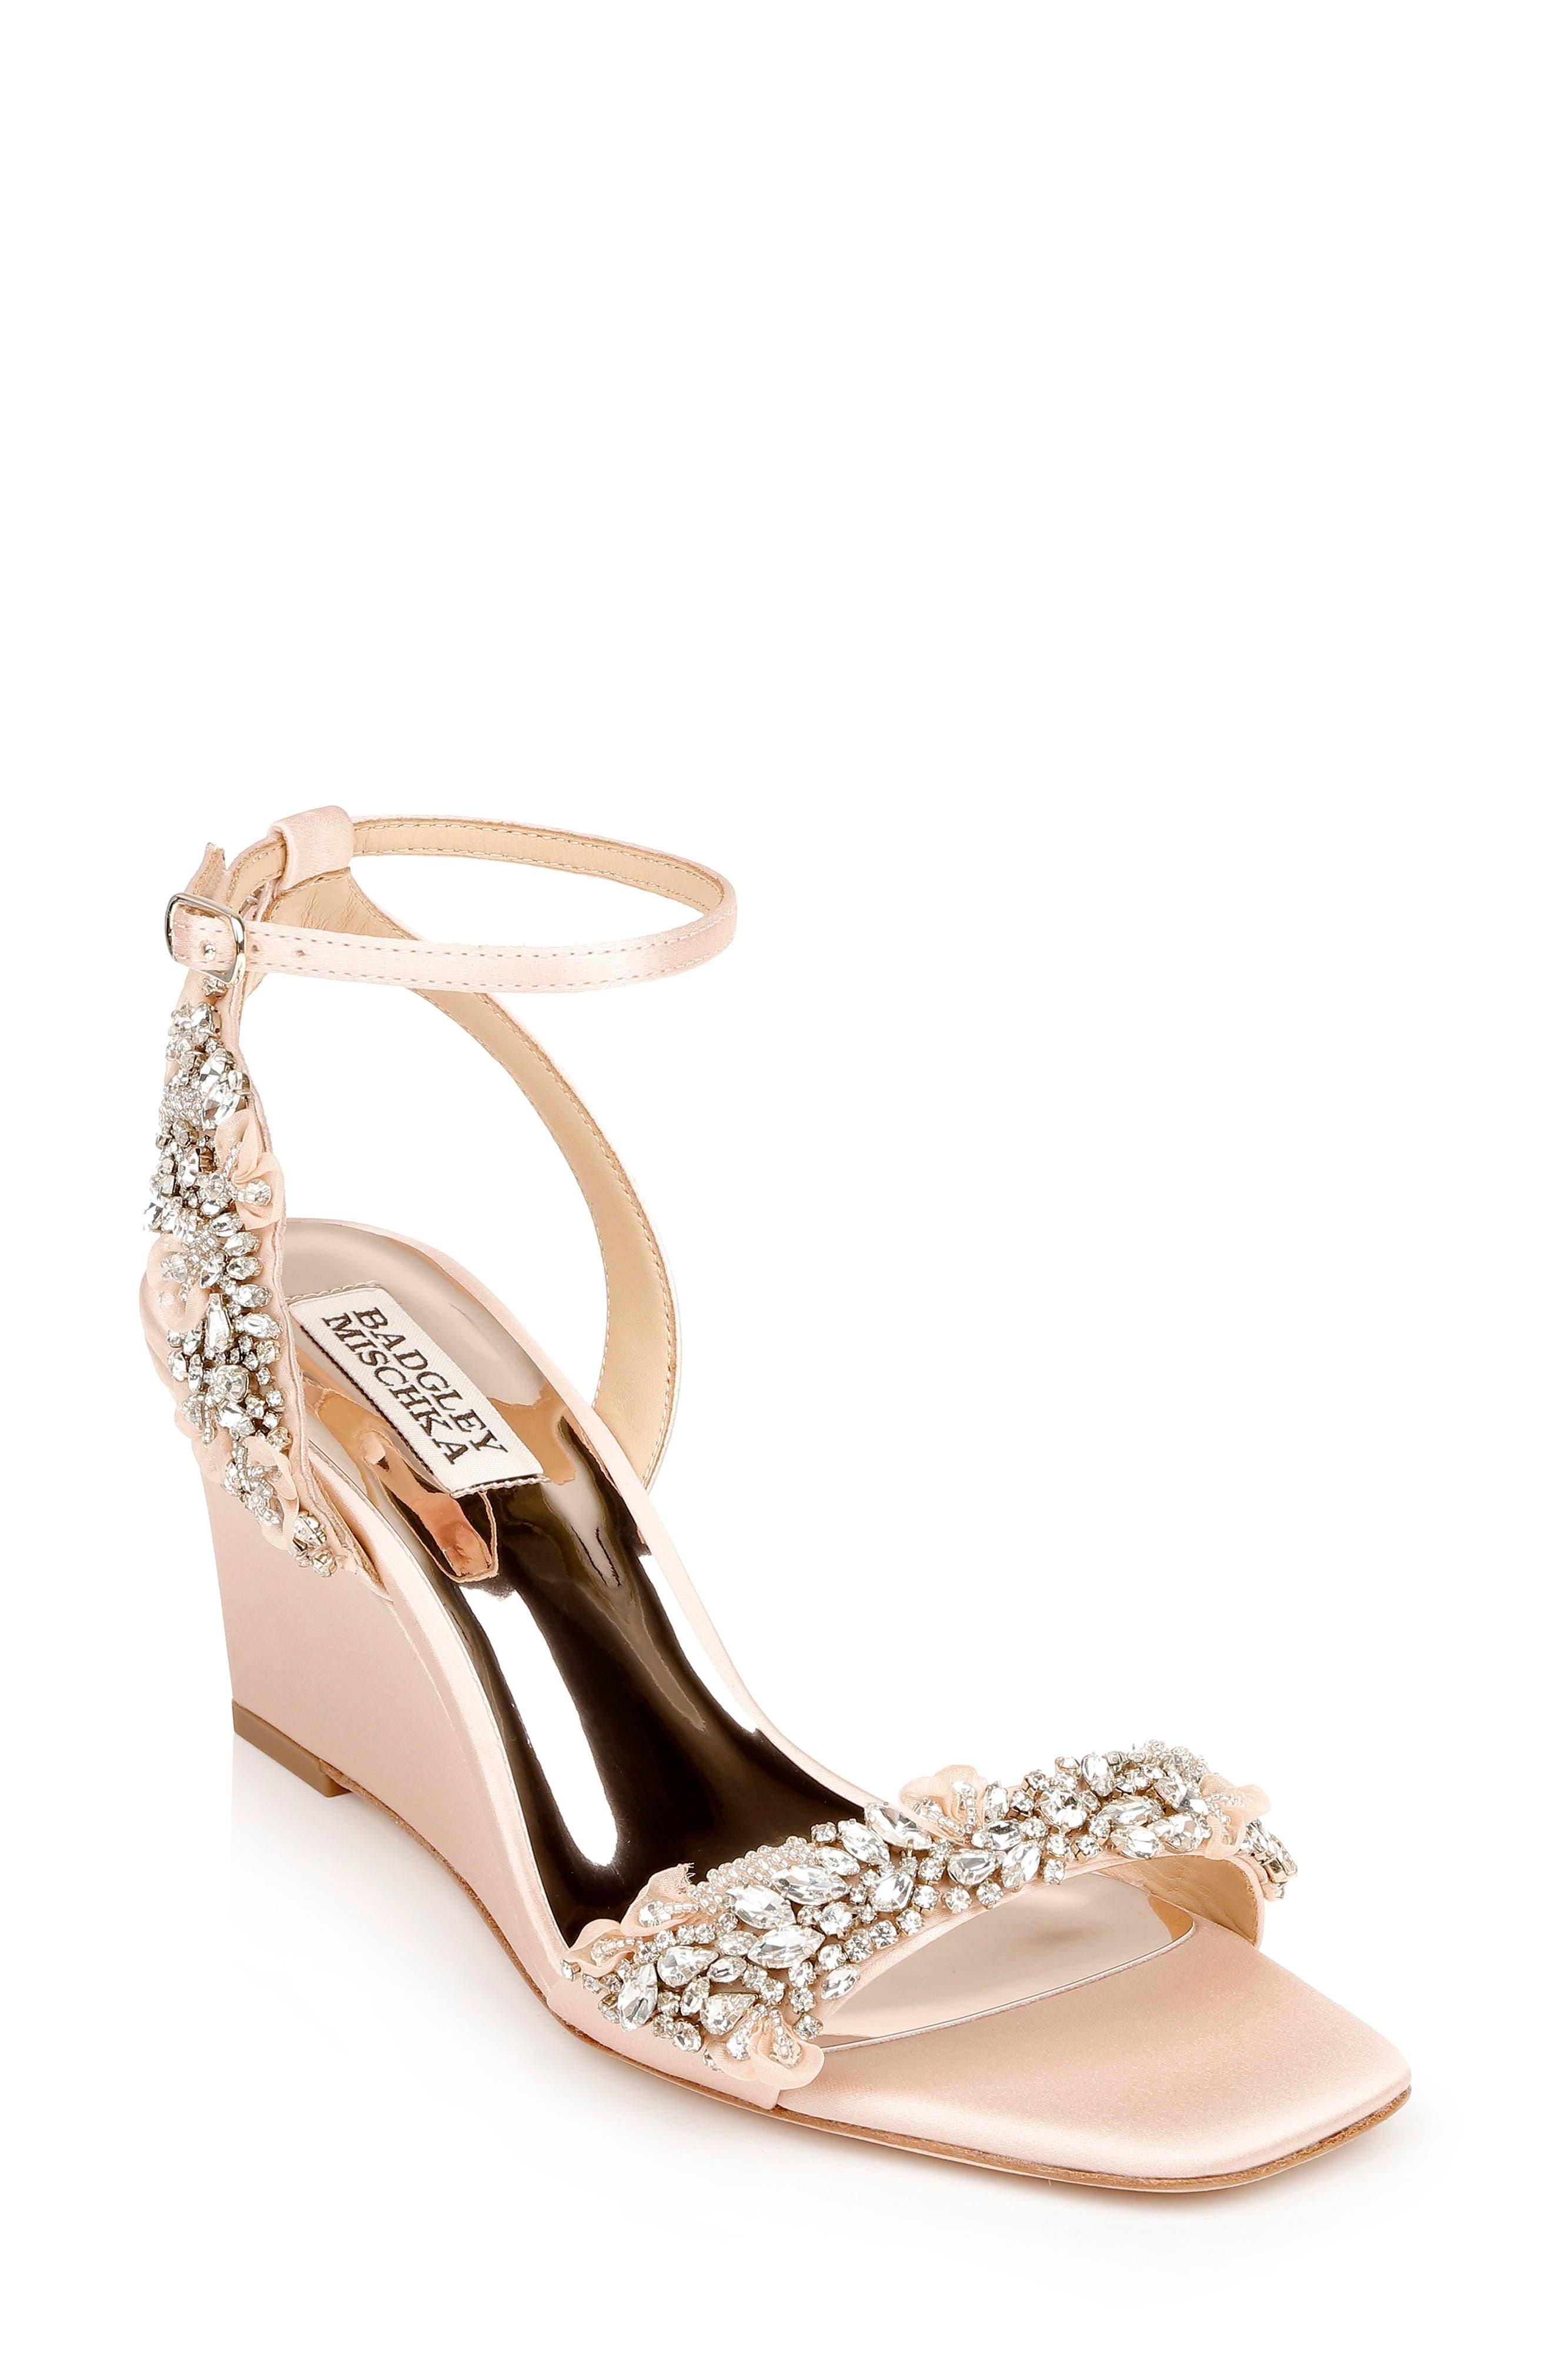 Blakeley Wedge Sandal